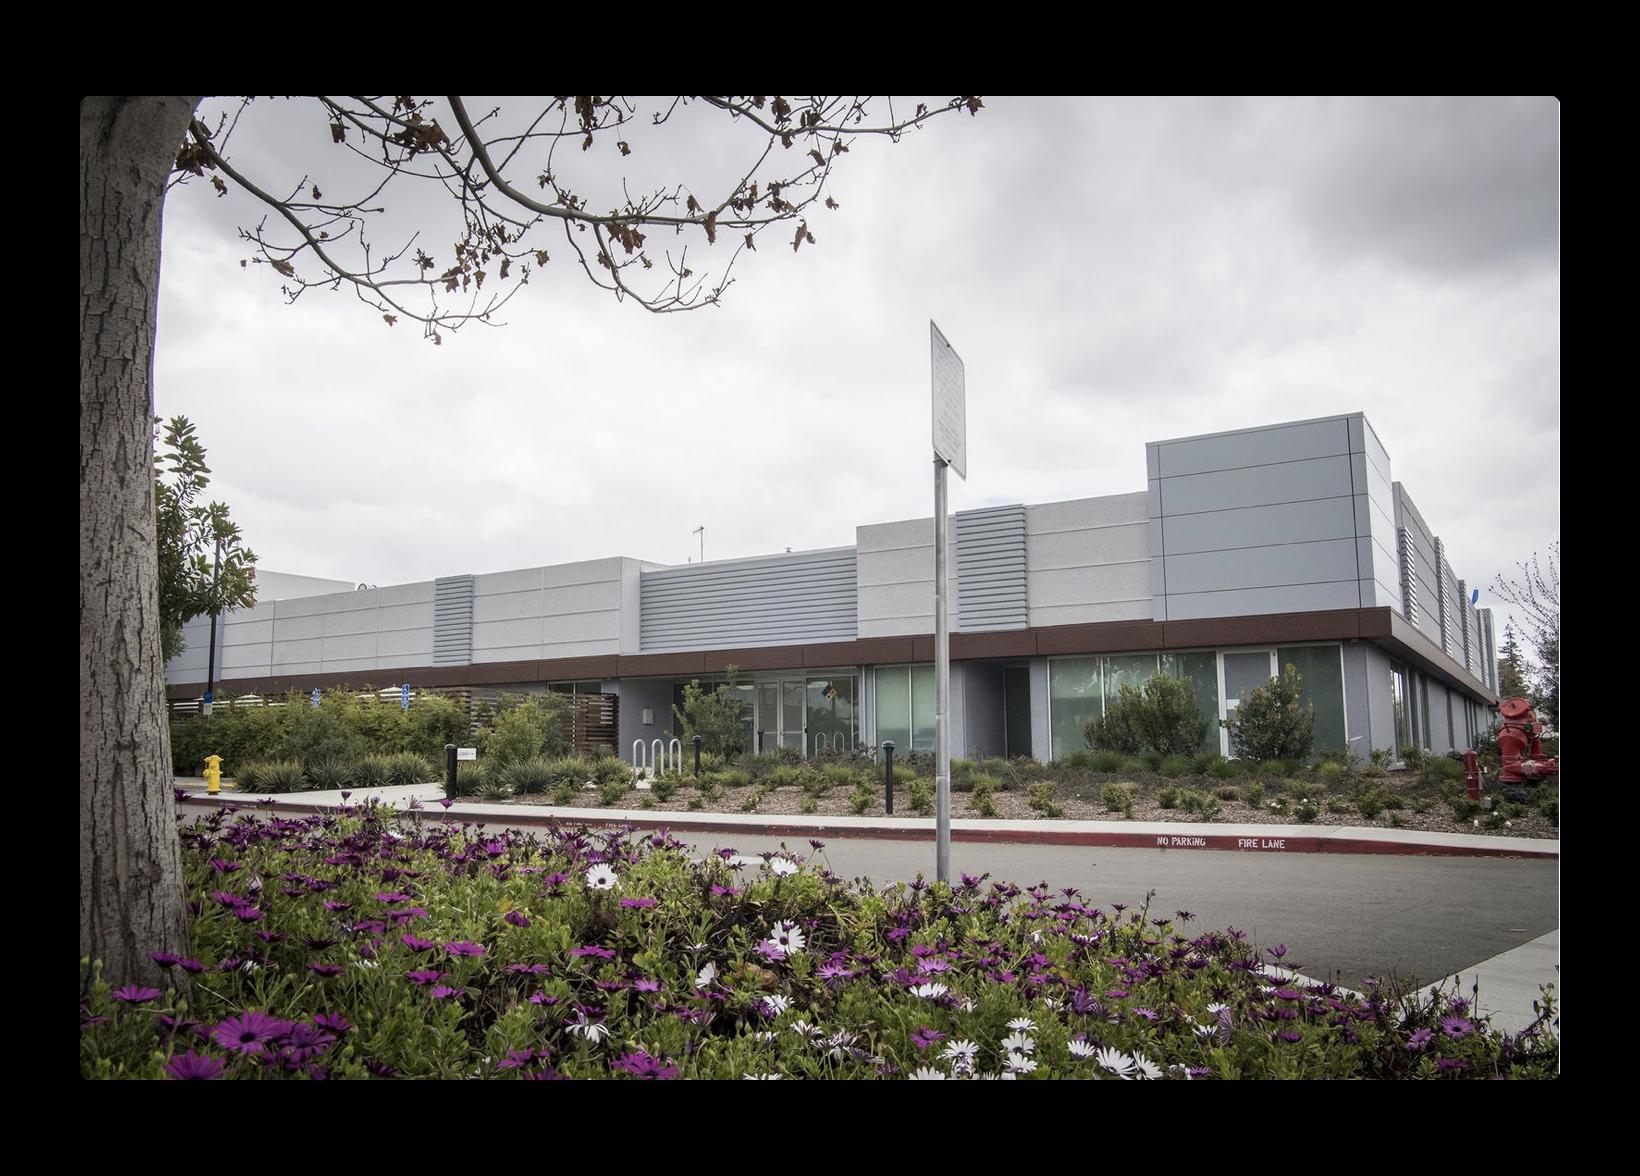 Apple、将来のデバイス用に独自のMicroLEDディスプレイを開発